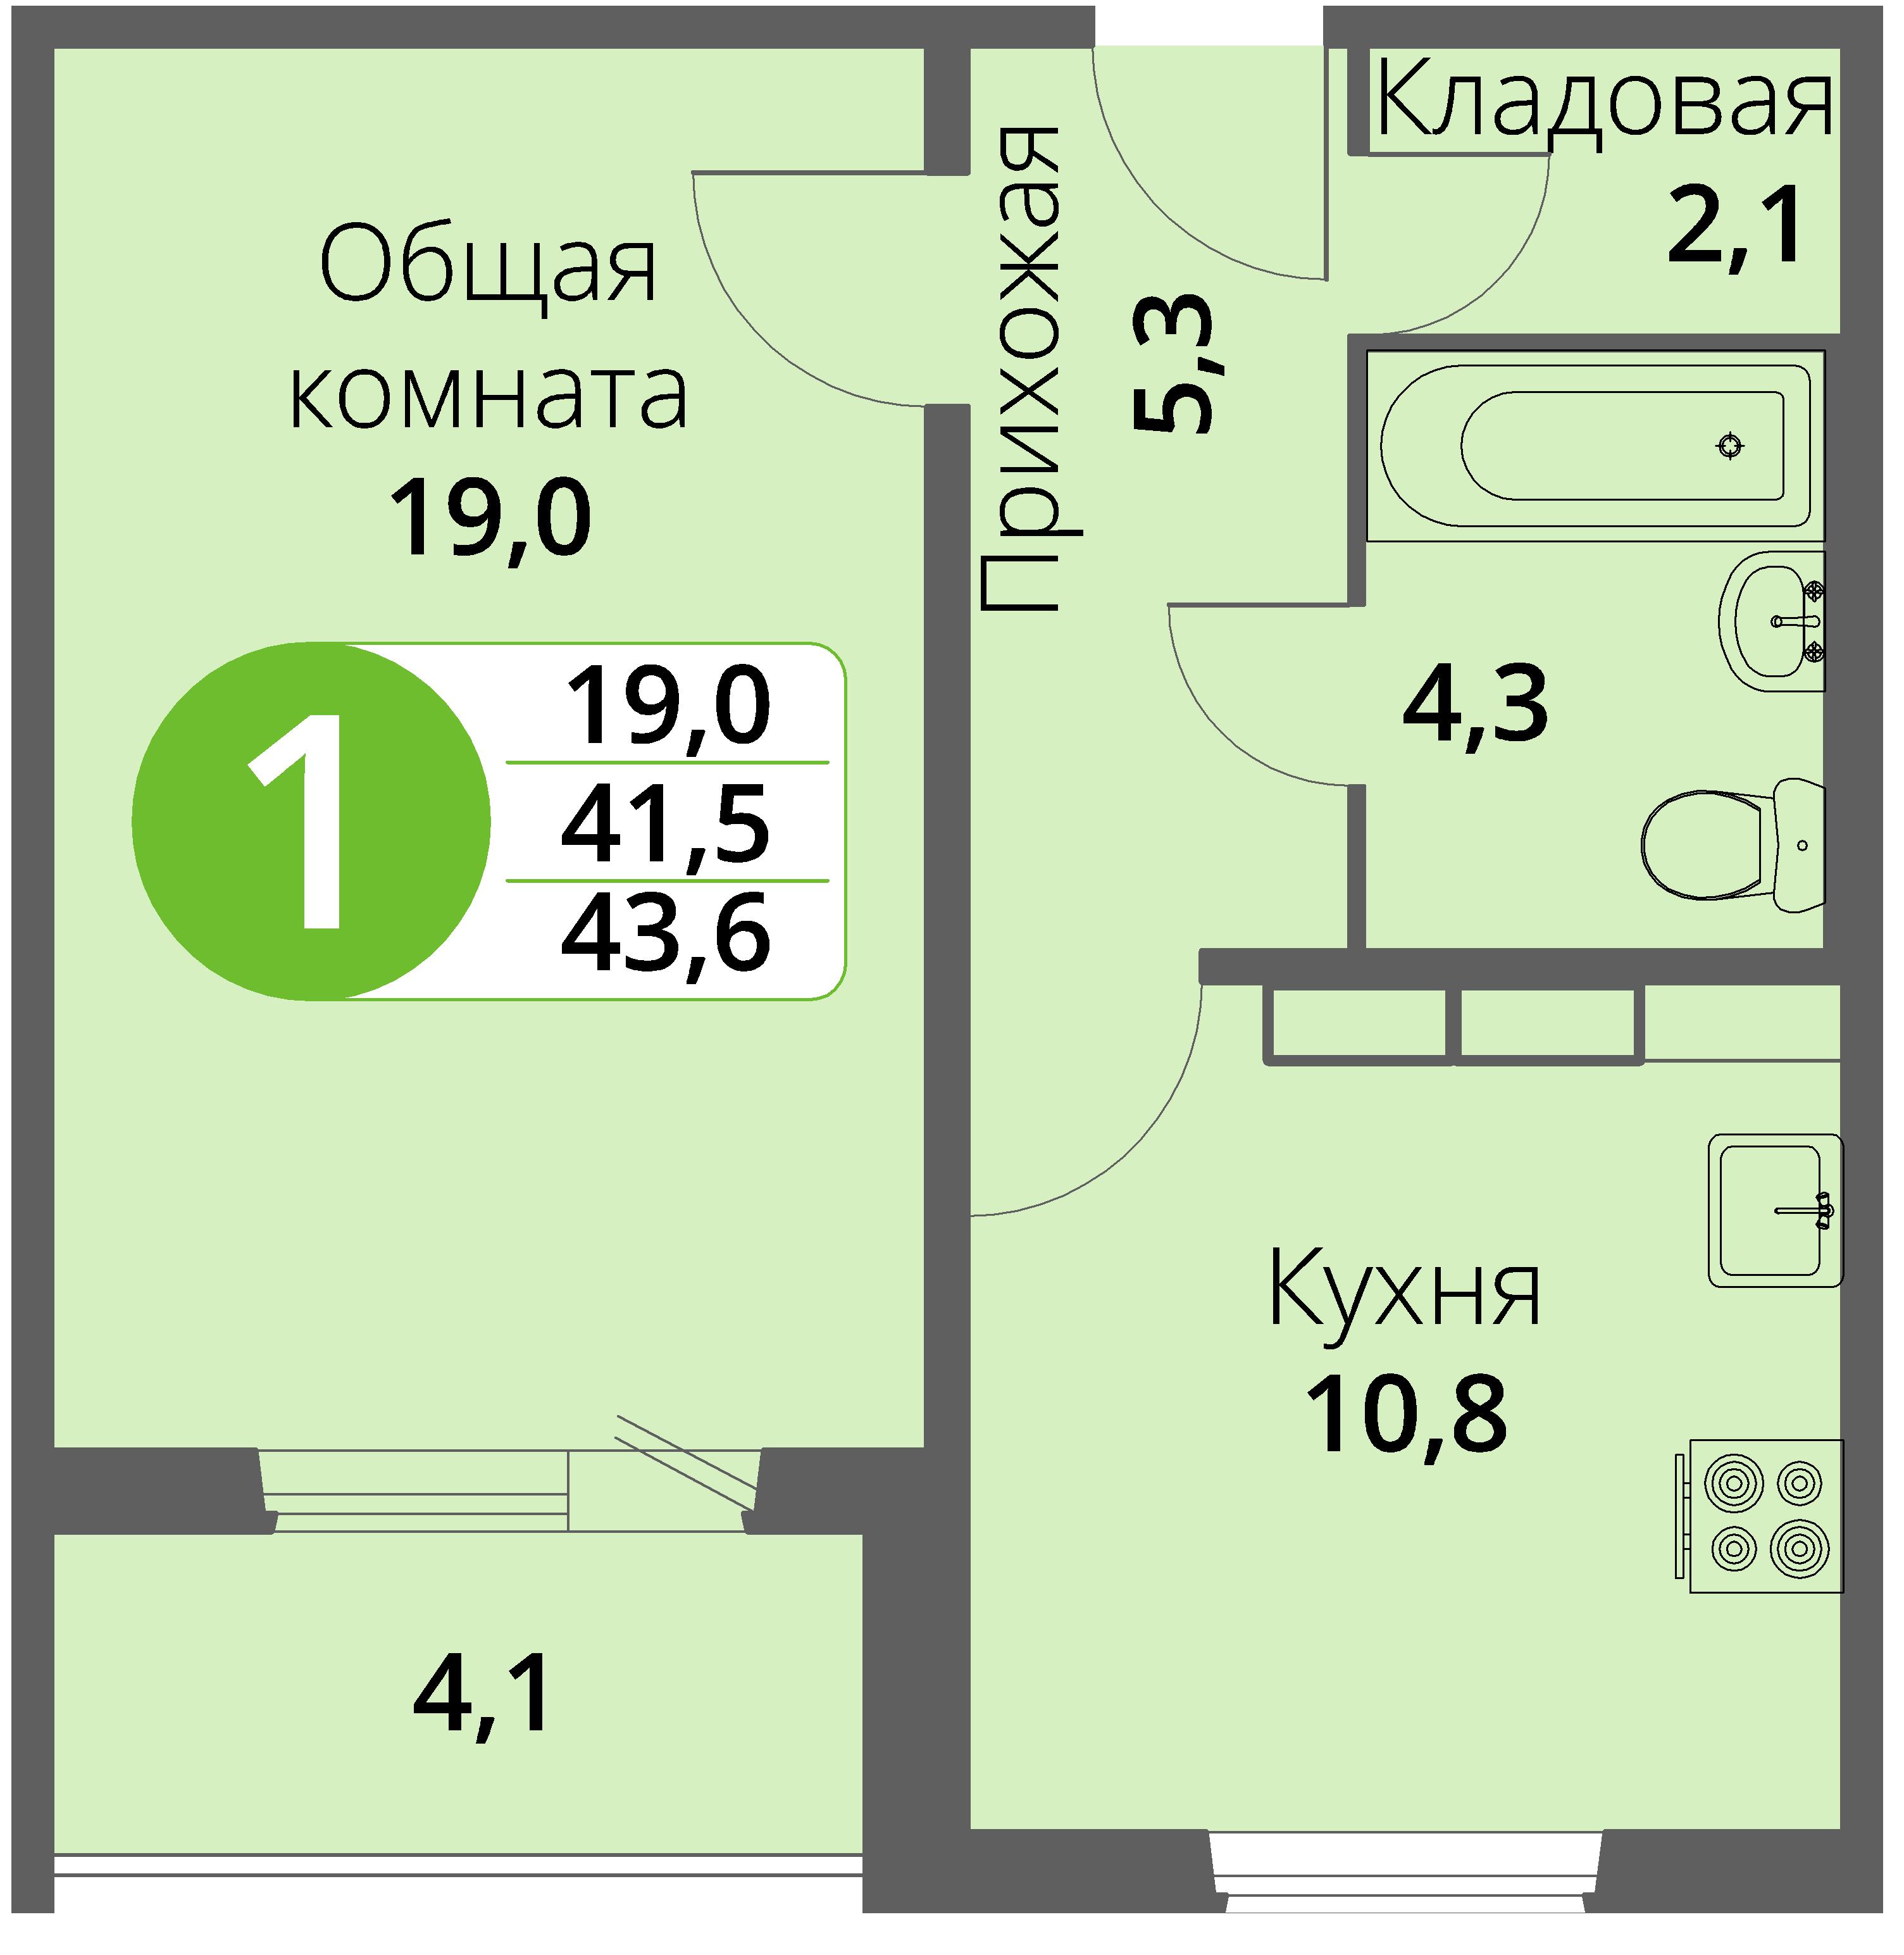 Зареченская 1-1, квартира 9 - Однокомнатная